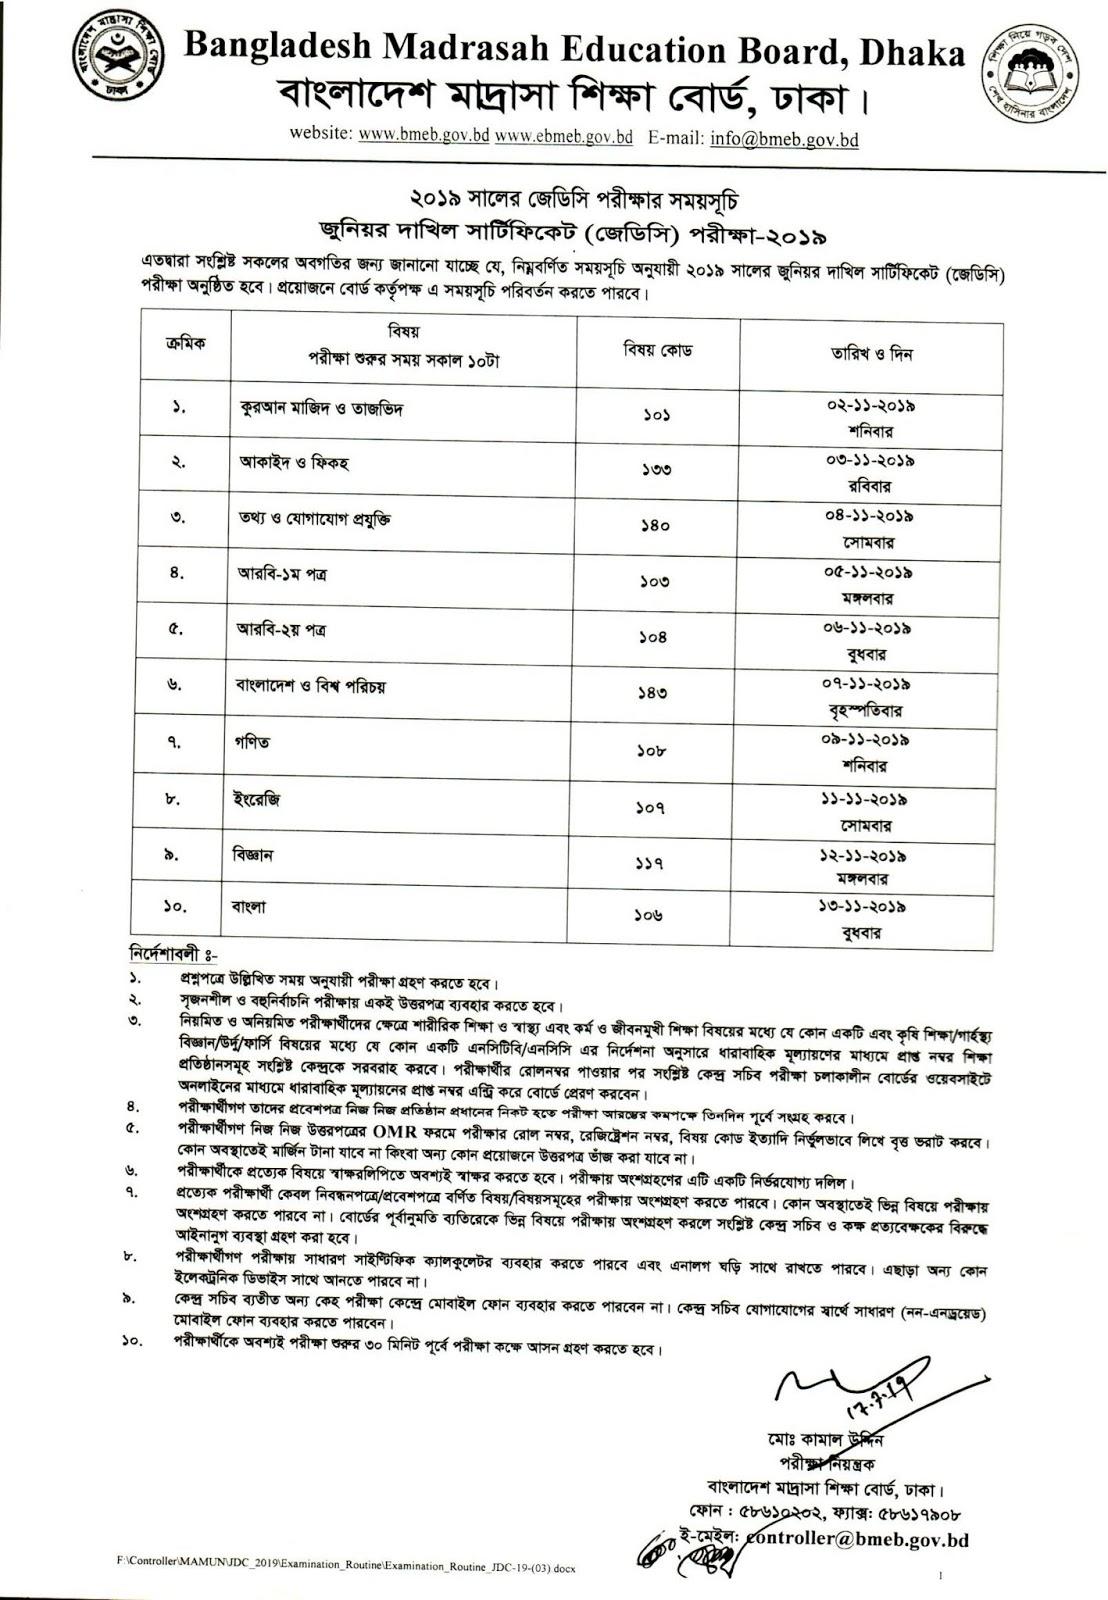 জেডিসি পরীক্ষার রুটিন ২০১৯,jdc exam Routine 2019